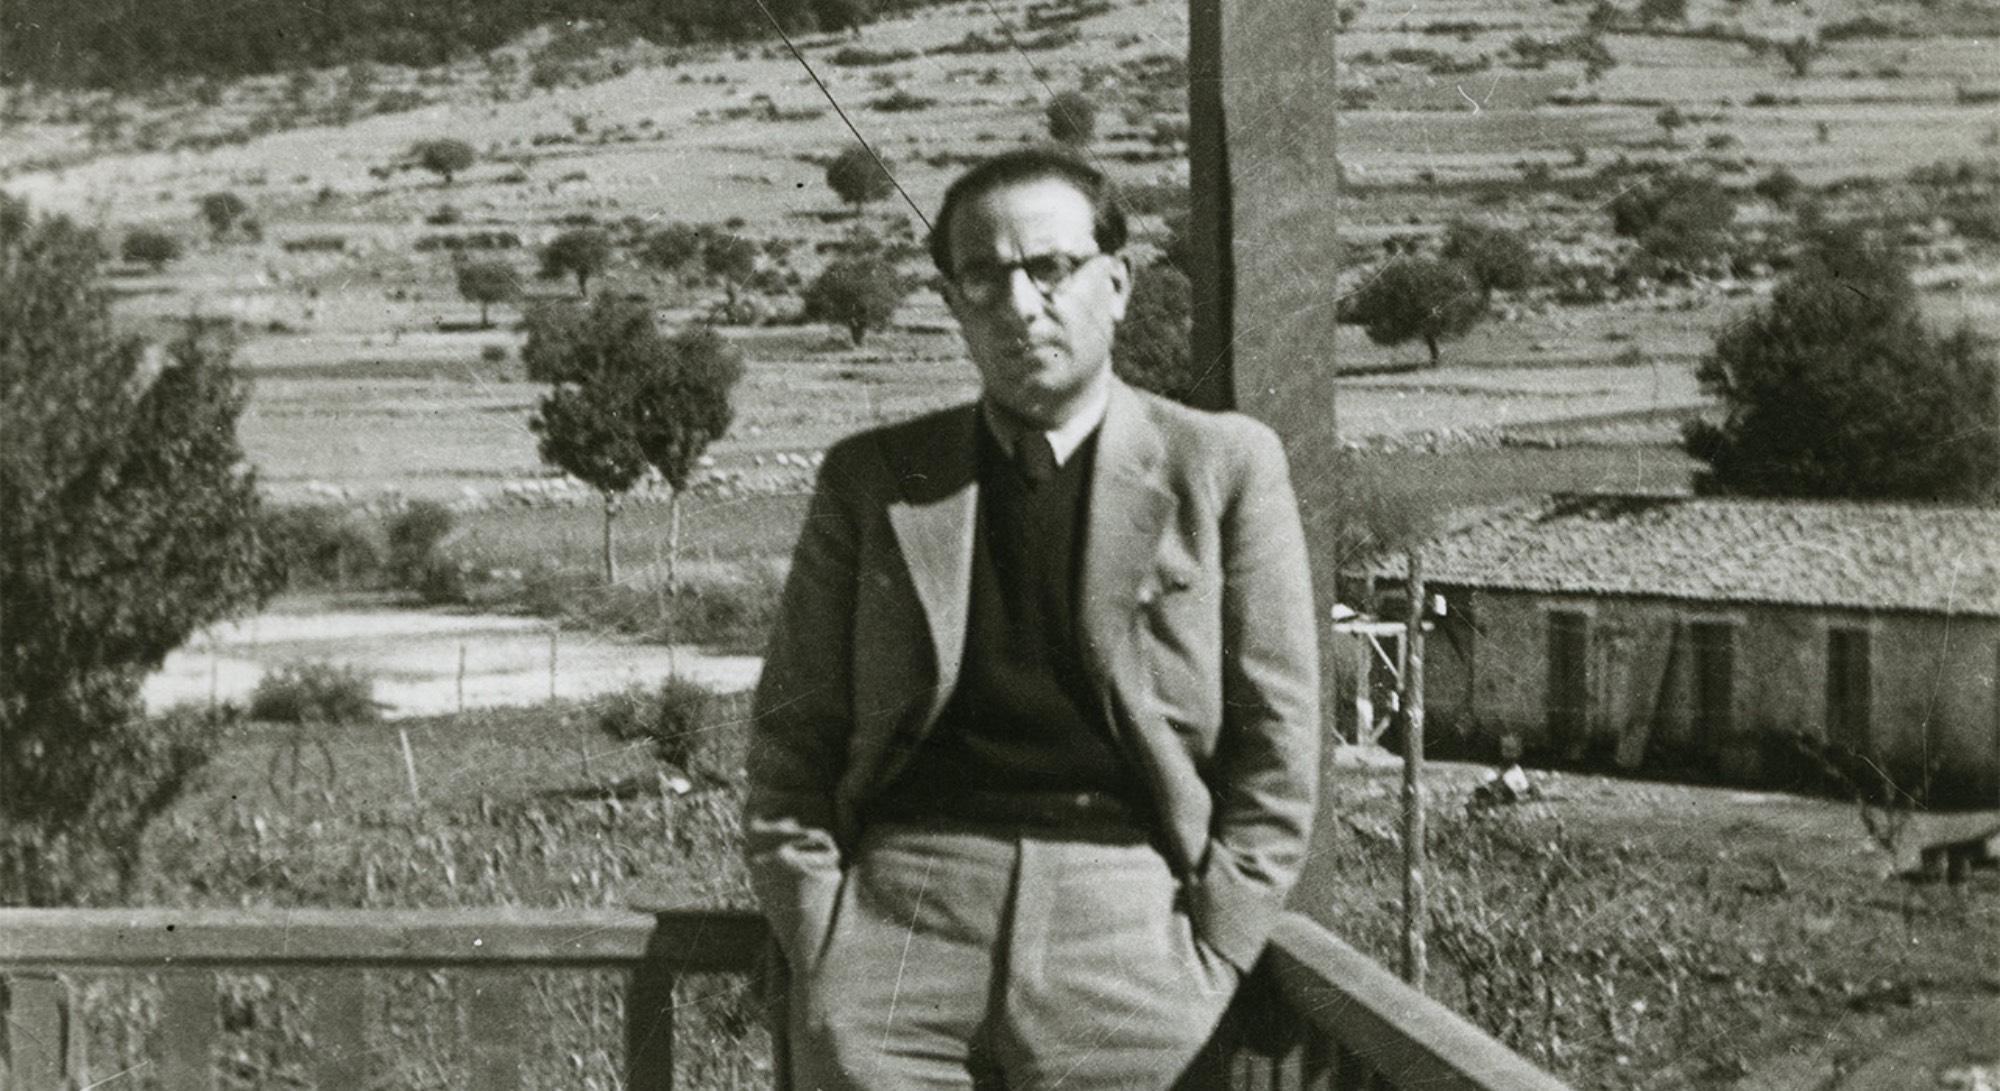 Ιωάννης Δεσποτόπουλος: αυτός ο άγνωστος;